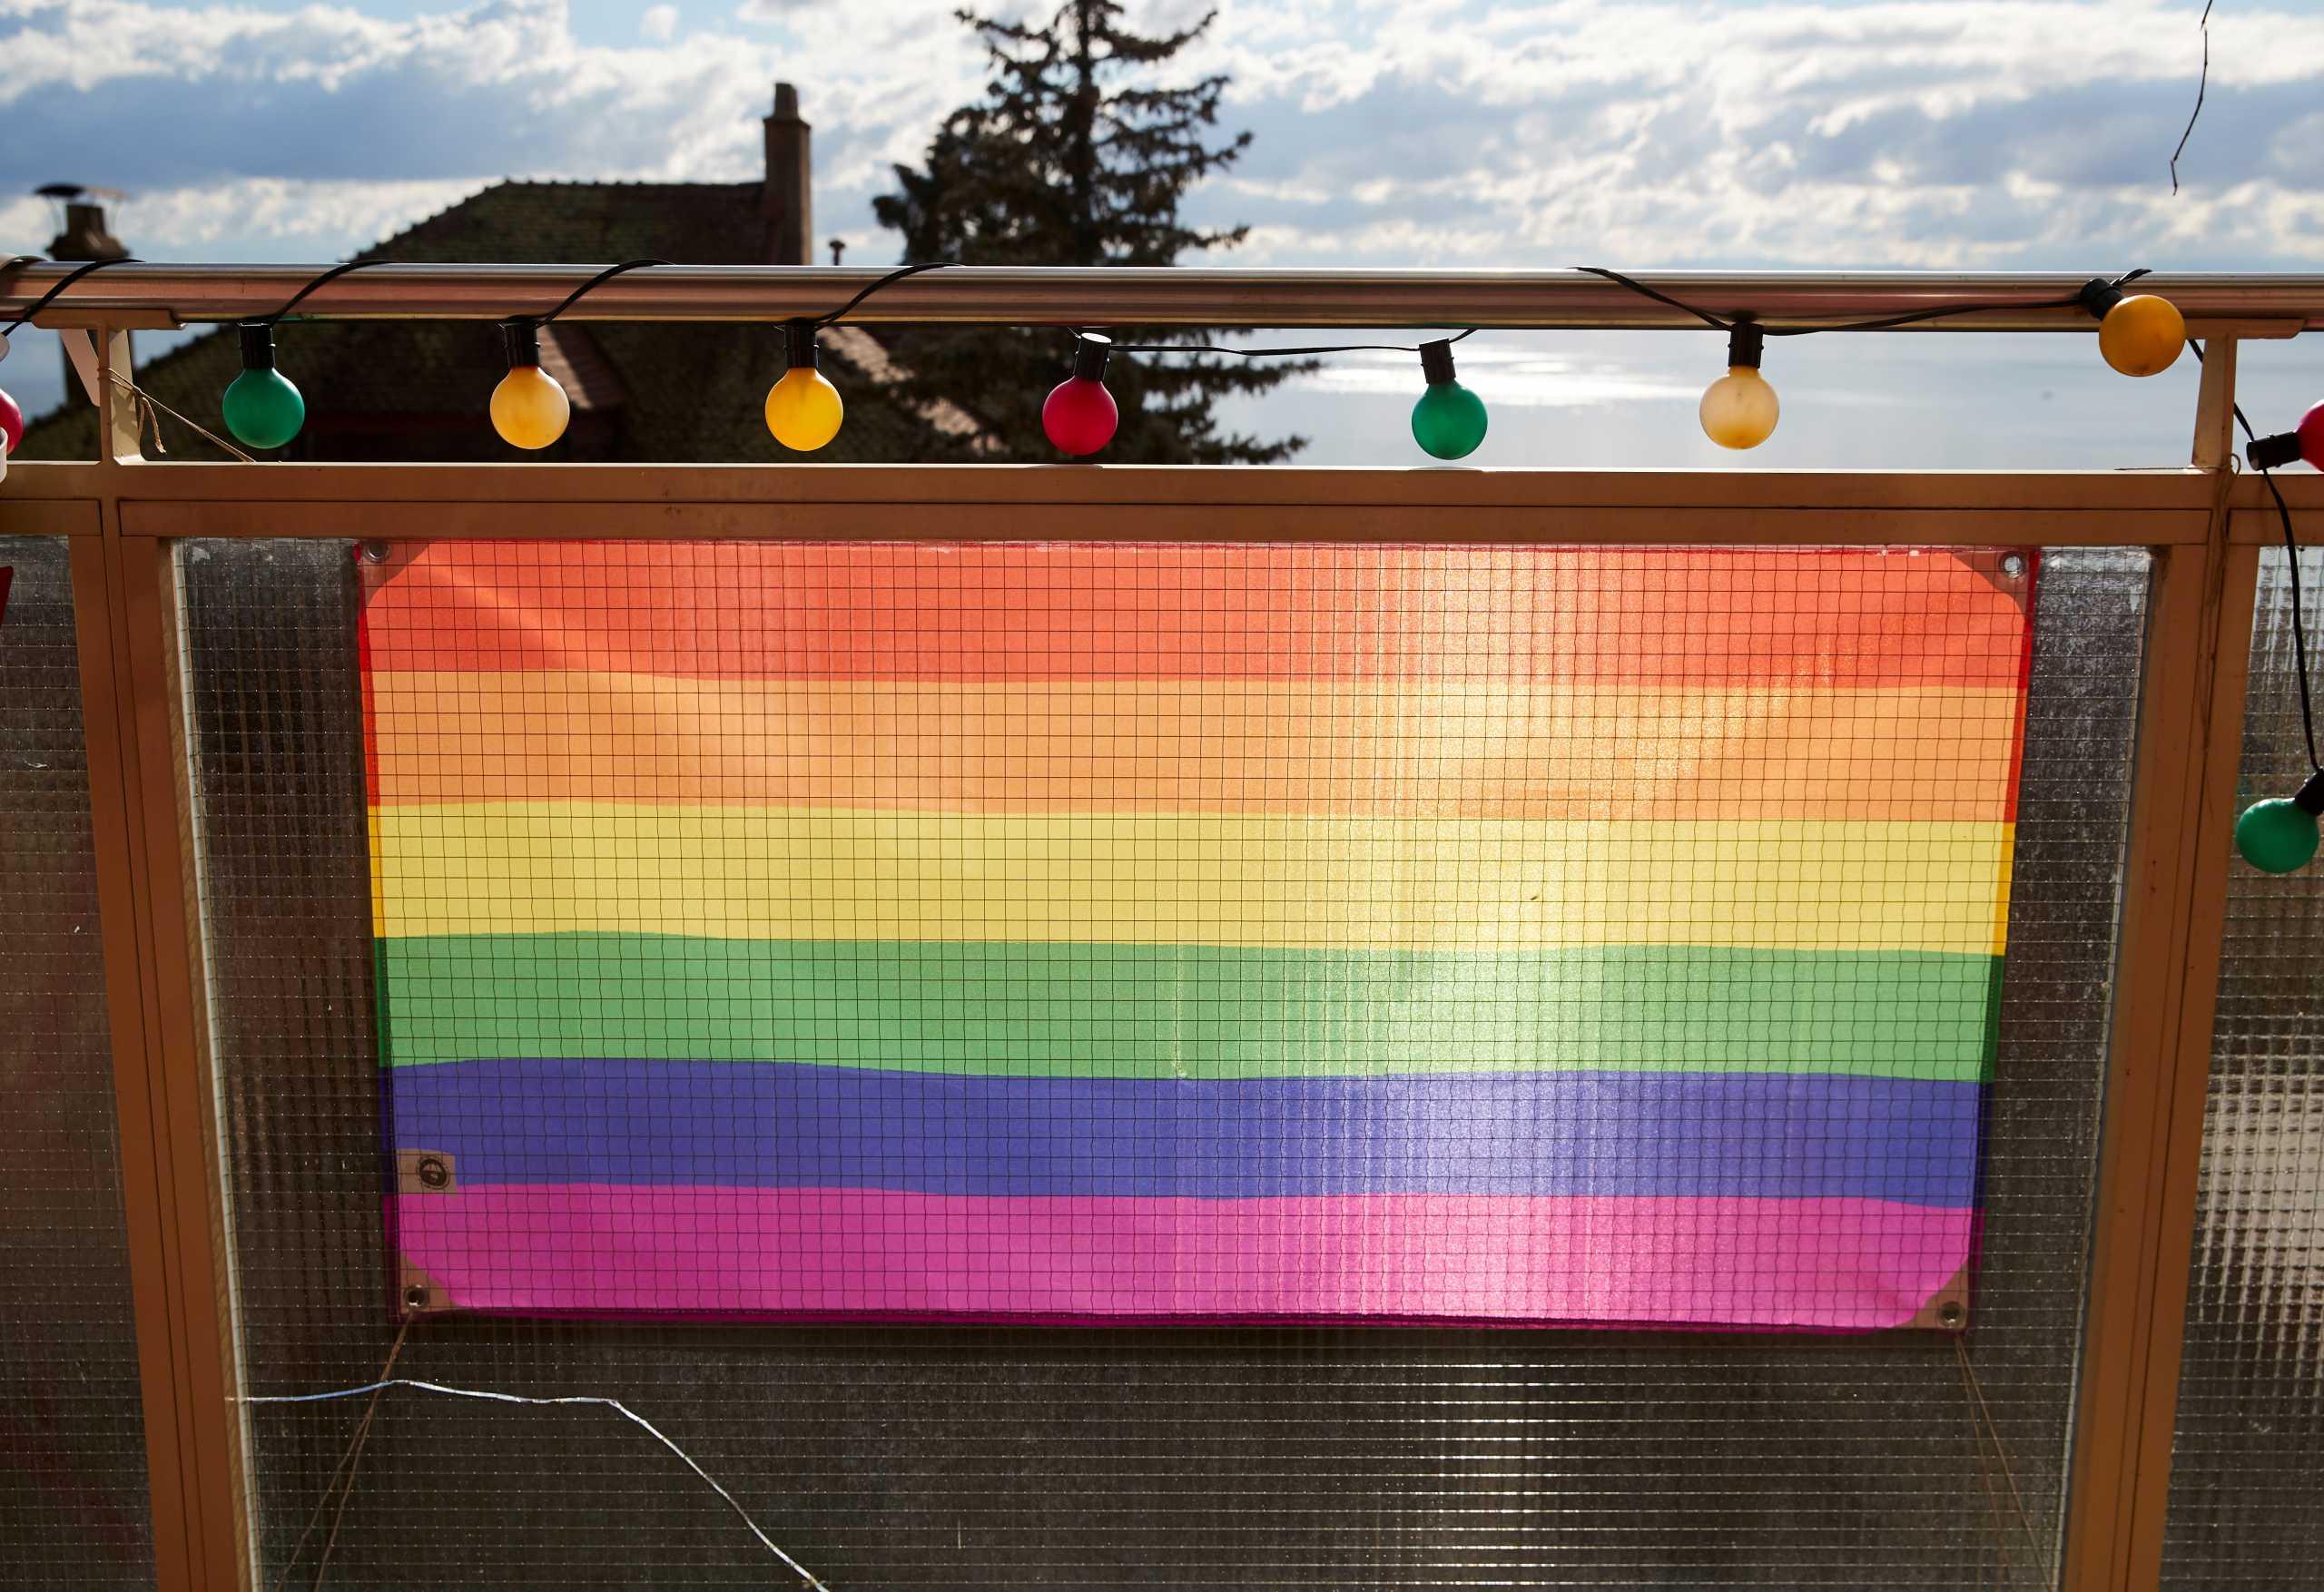 Δημοψήφισμα στην Ελβετία για τους γάμους ομόφυλων ζευγαριών